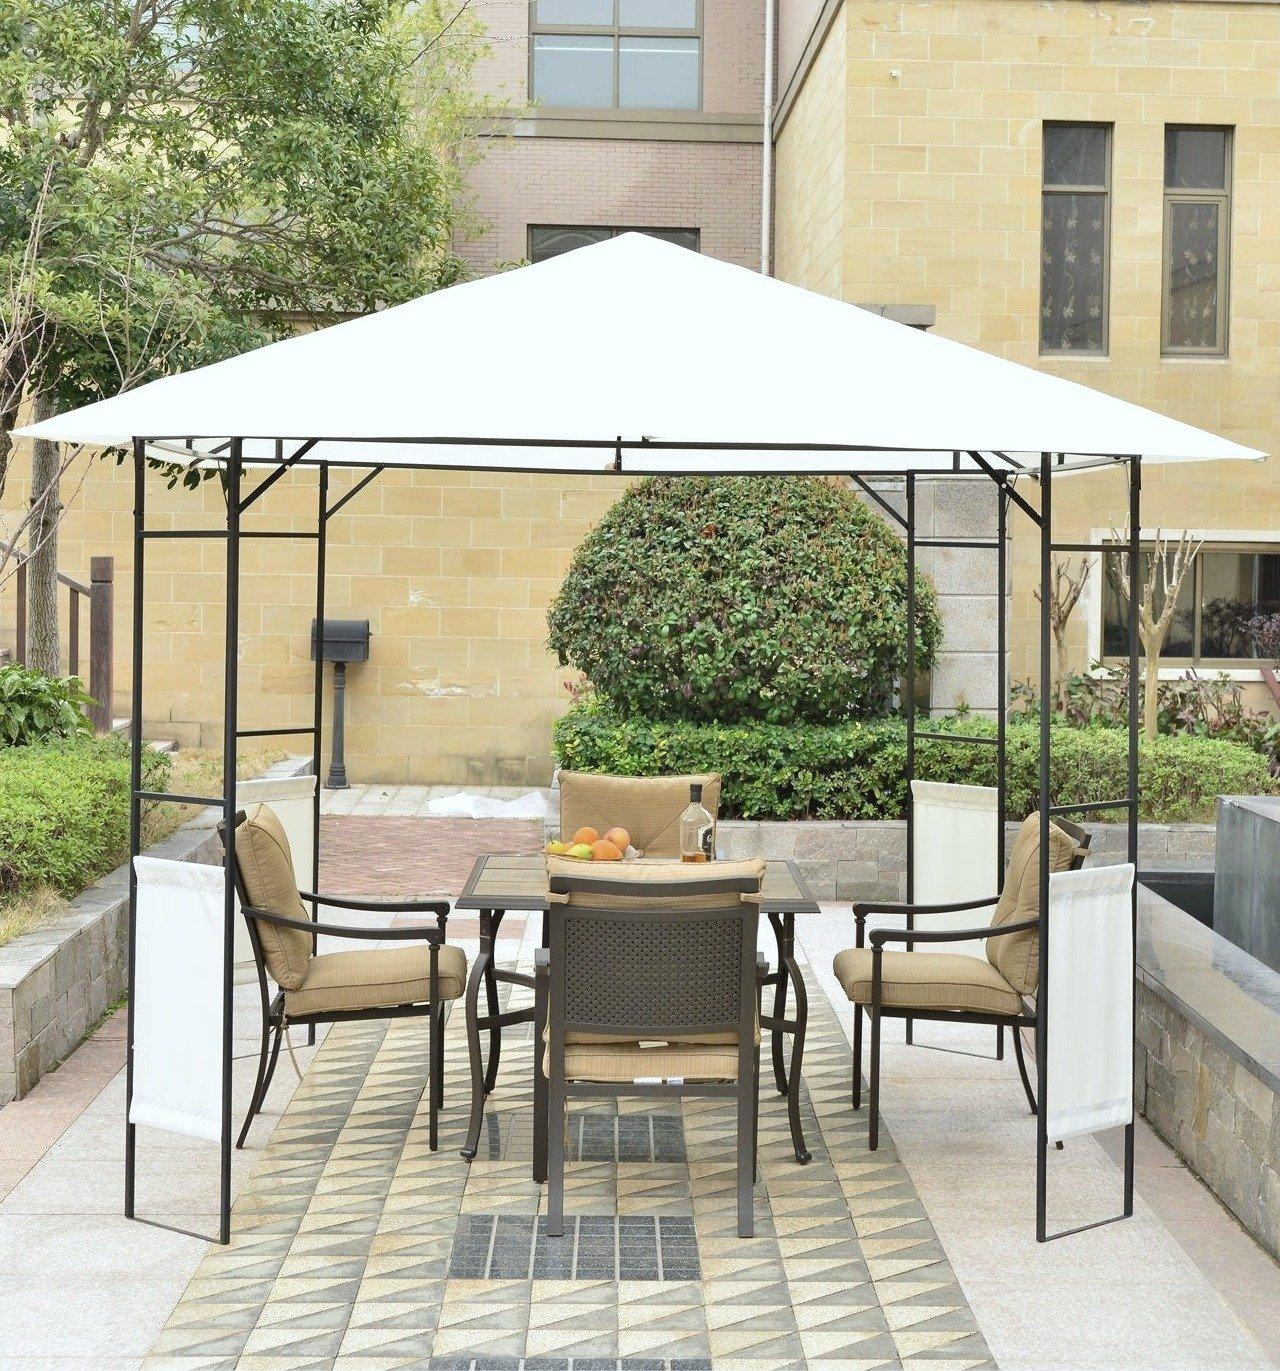 Modern 10 x 10 outdoor canopy